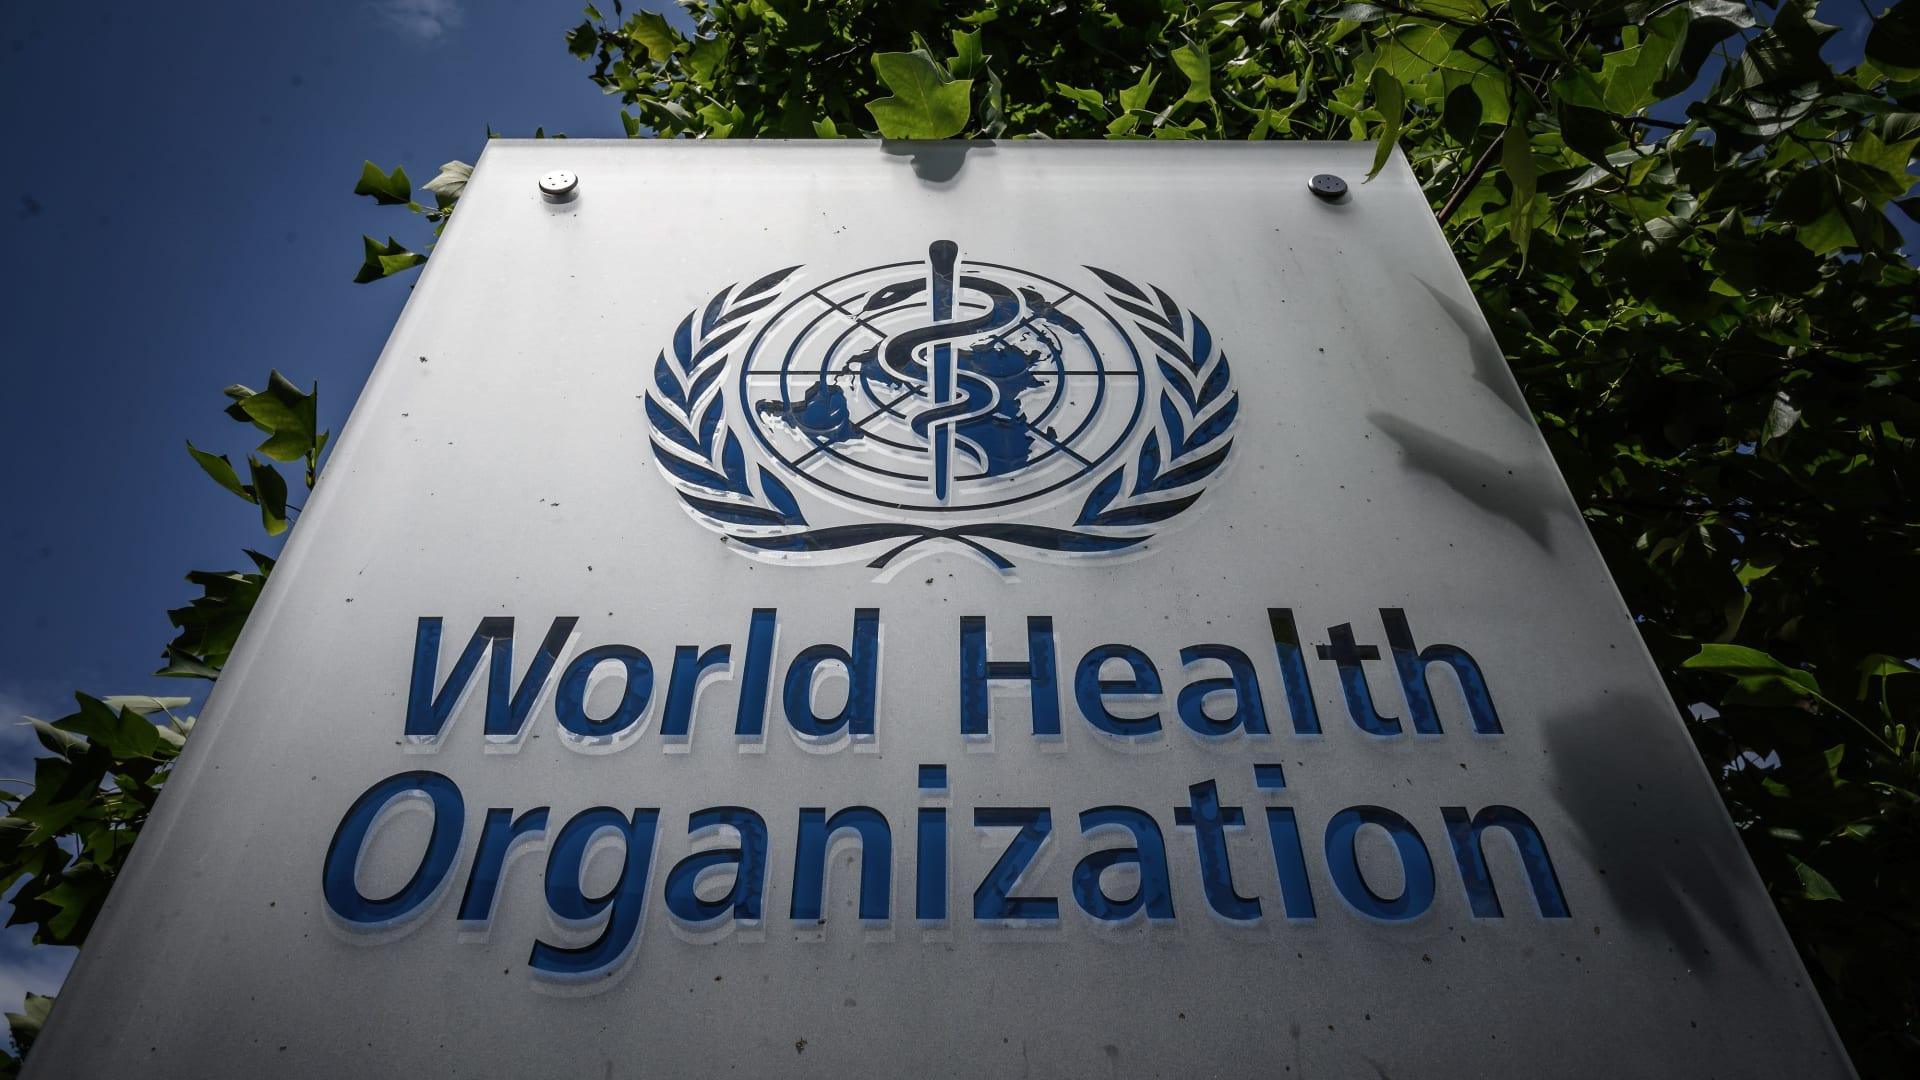 """رئيس منظمة الصحة العالمية: """"سيكون من الخطأ الفادح الاعتقاد بأن خطر فيروس كورونا قد انتهى"""""""